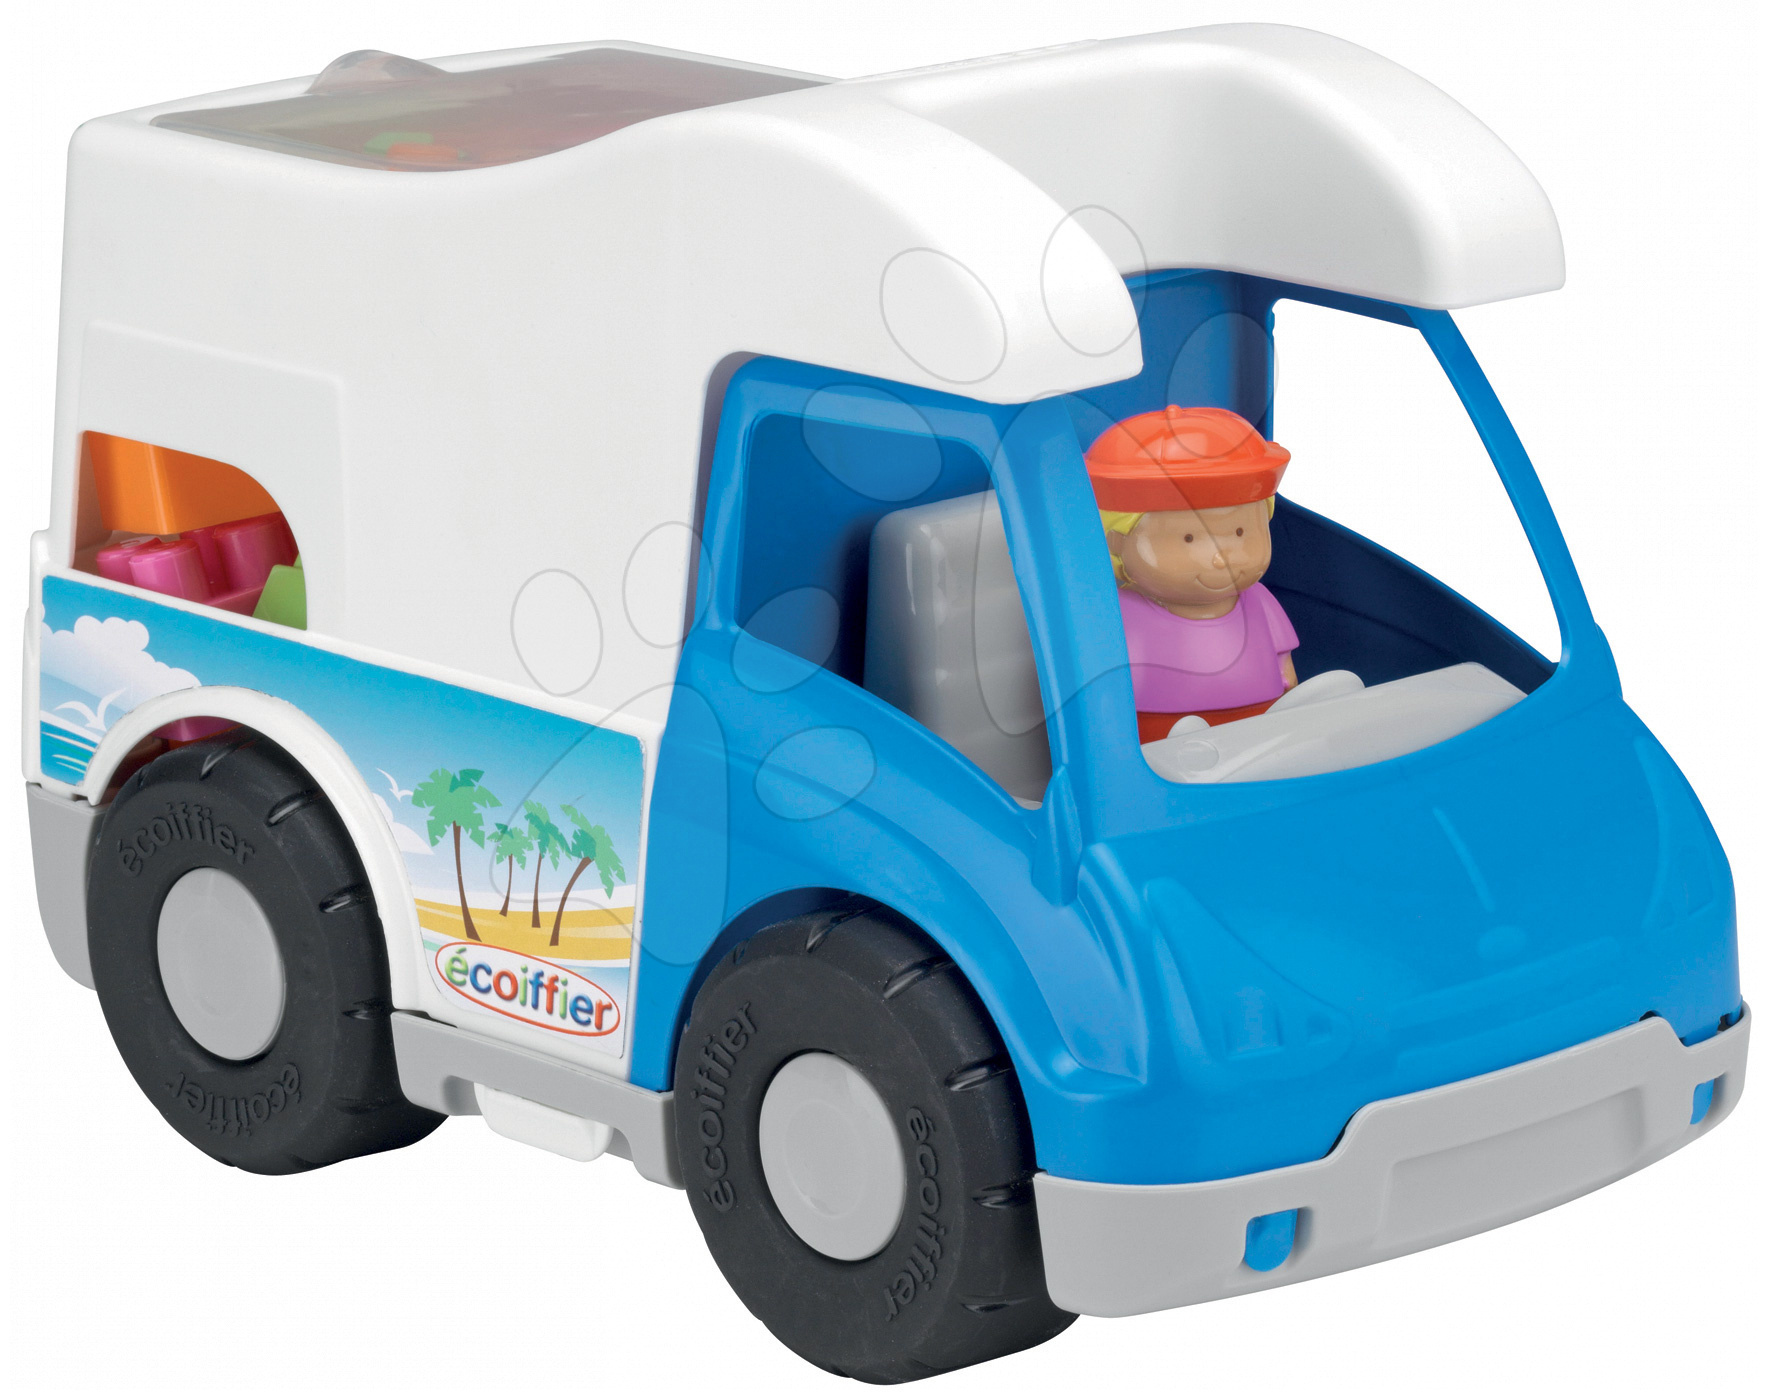 Stavebnica Abrick - karavan s kockami Écoiffier modrý od 18 mes